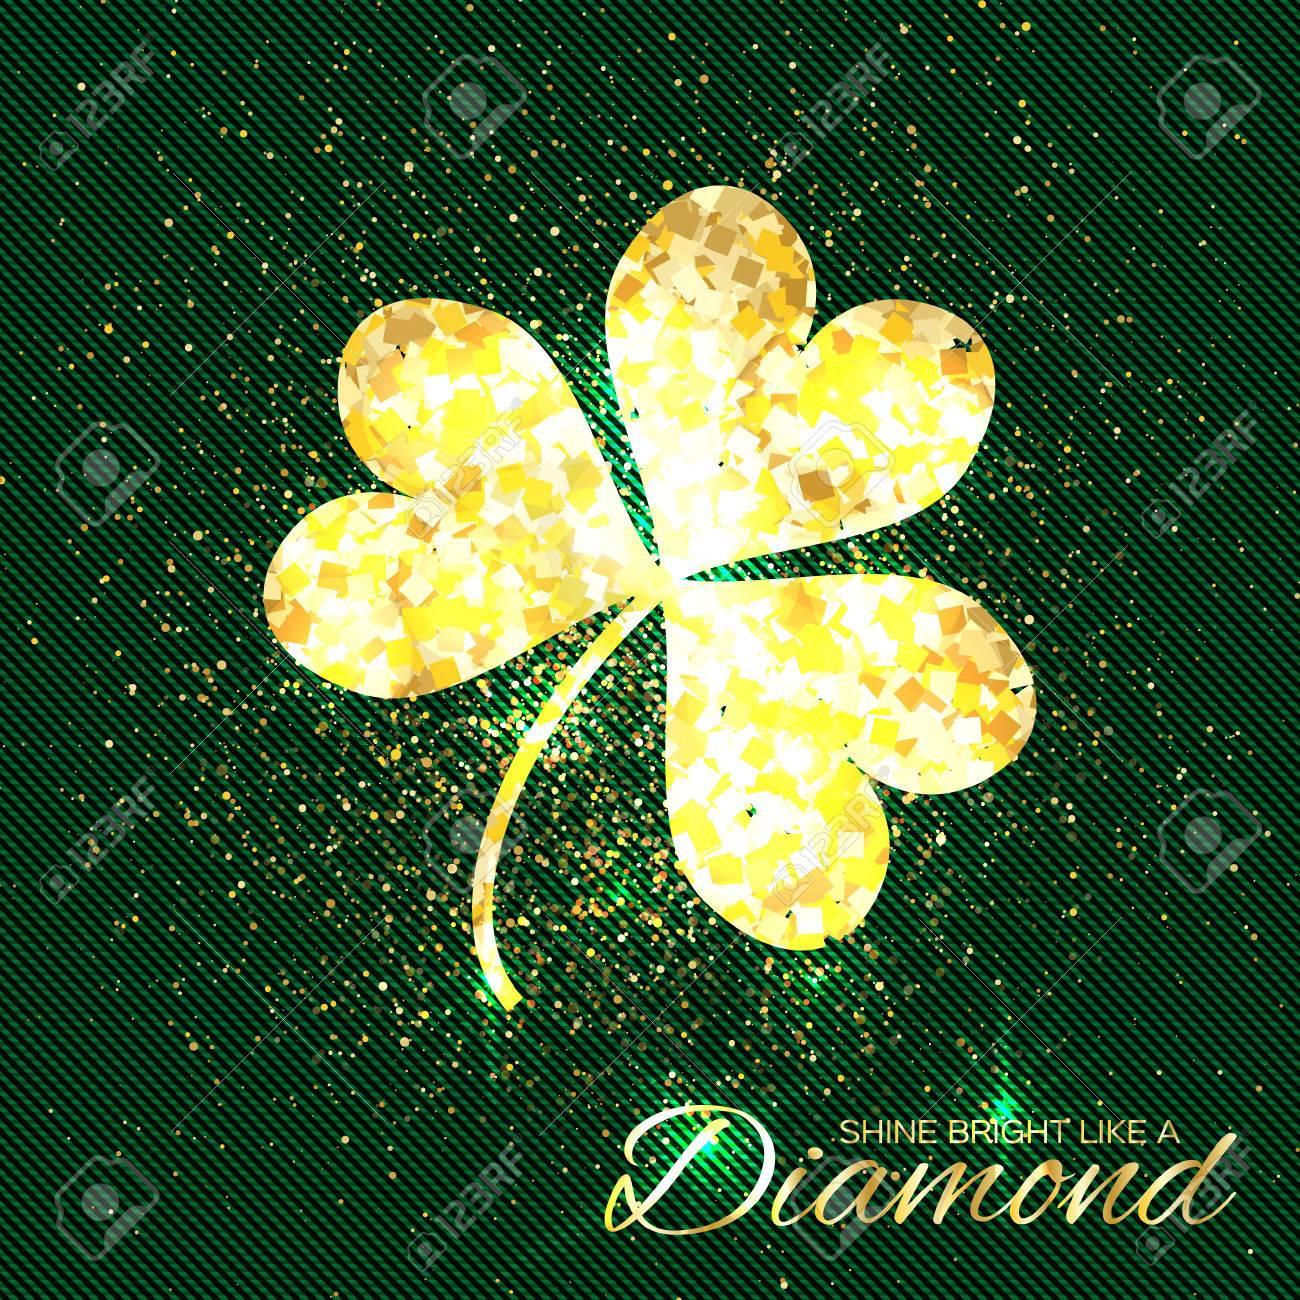 e438f0a771cb El Oro Brilla El Trébol En El Fondo Verde. Una Flor Brillante Glamour  Purpurina. Tarjeta De Felicitación Con Textura De Oro Trébol De Tres Hojas.